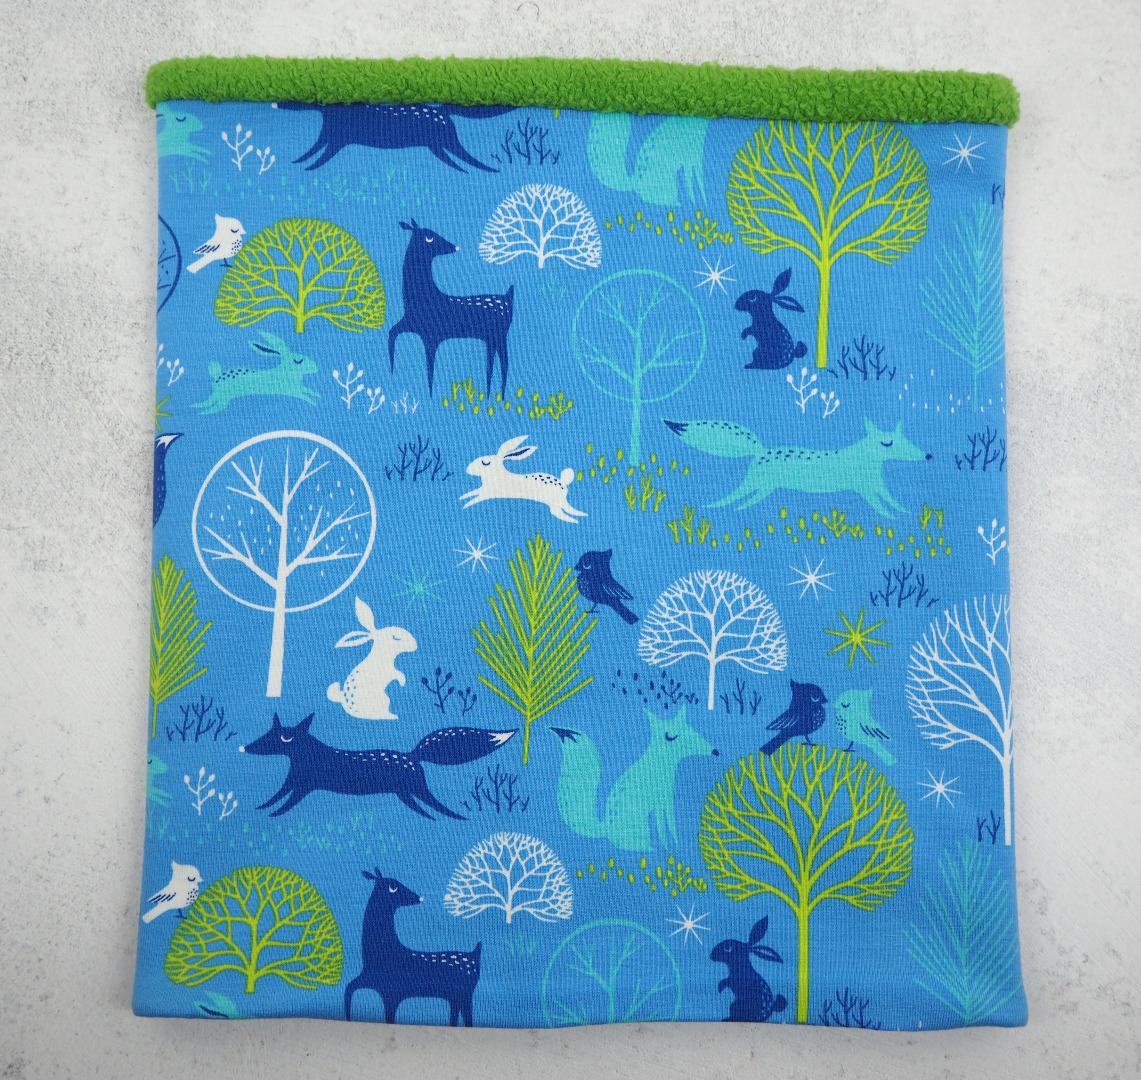 Schlupfschal Kinder blau grün Tiere Loop